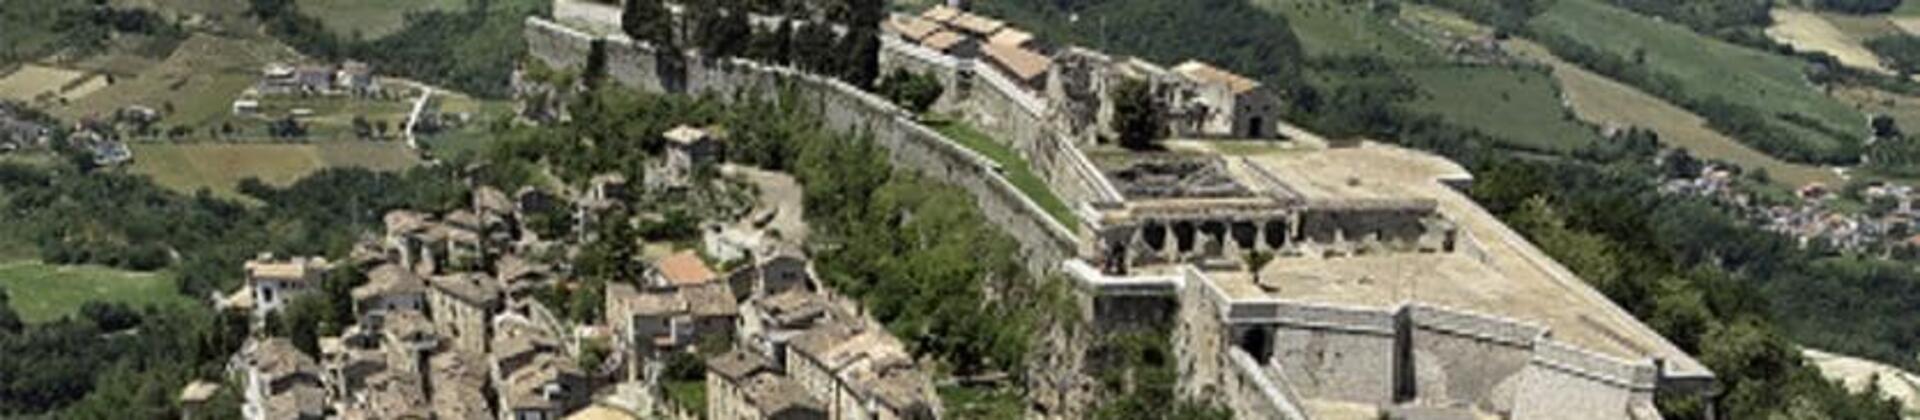 Borghi e Fortezze in Abruzzo